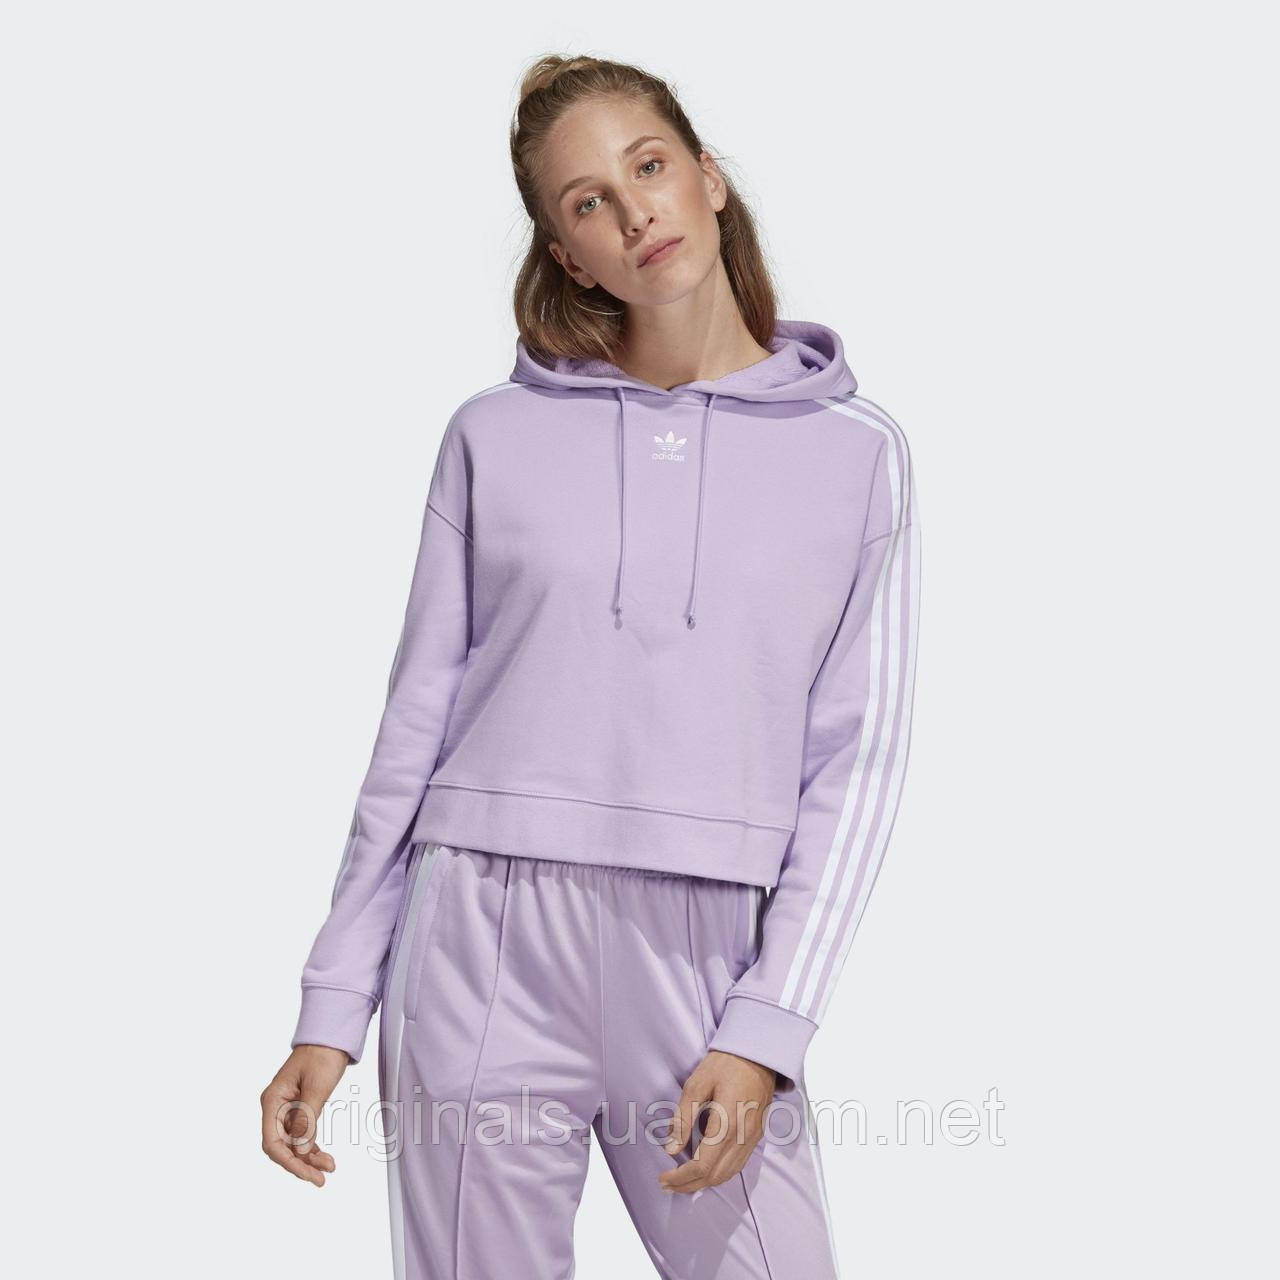 Укороченное худи женское Adidas Cropped DX2158